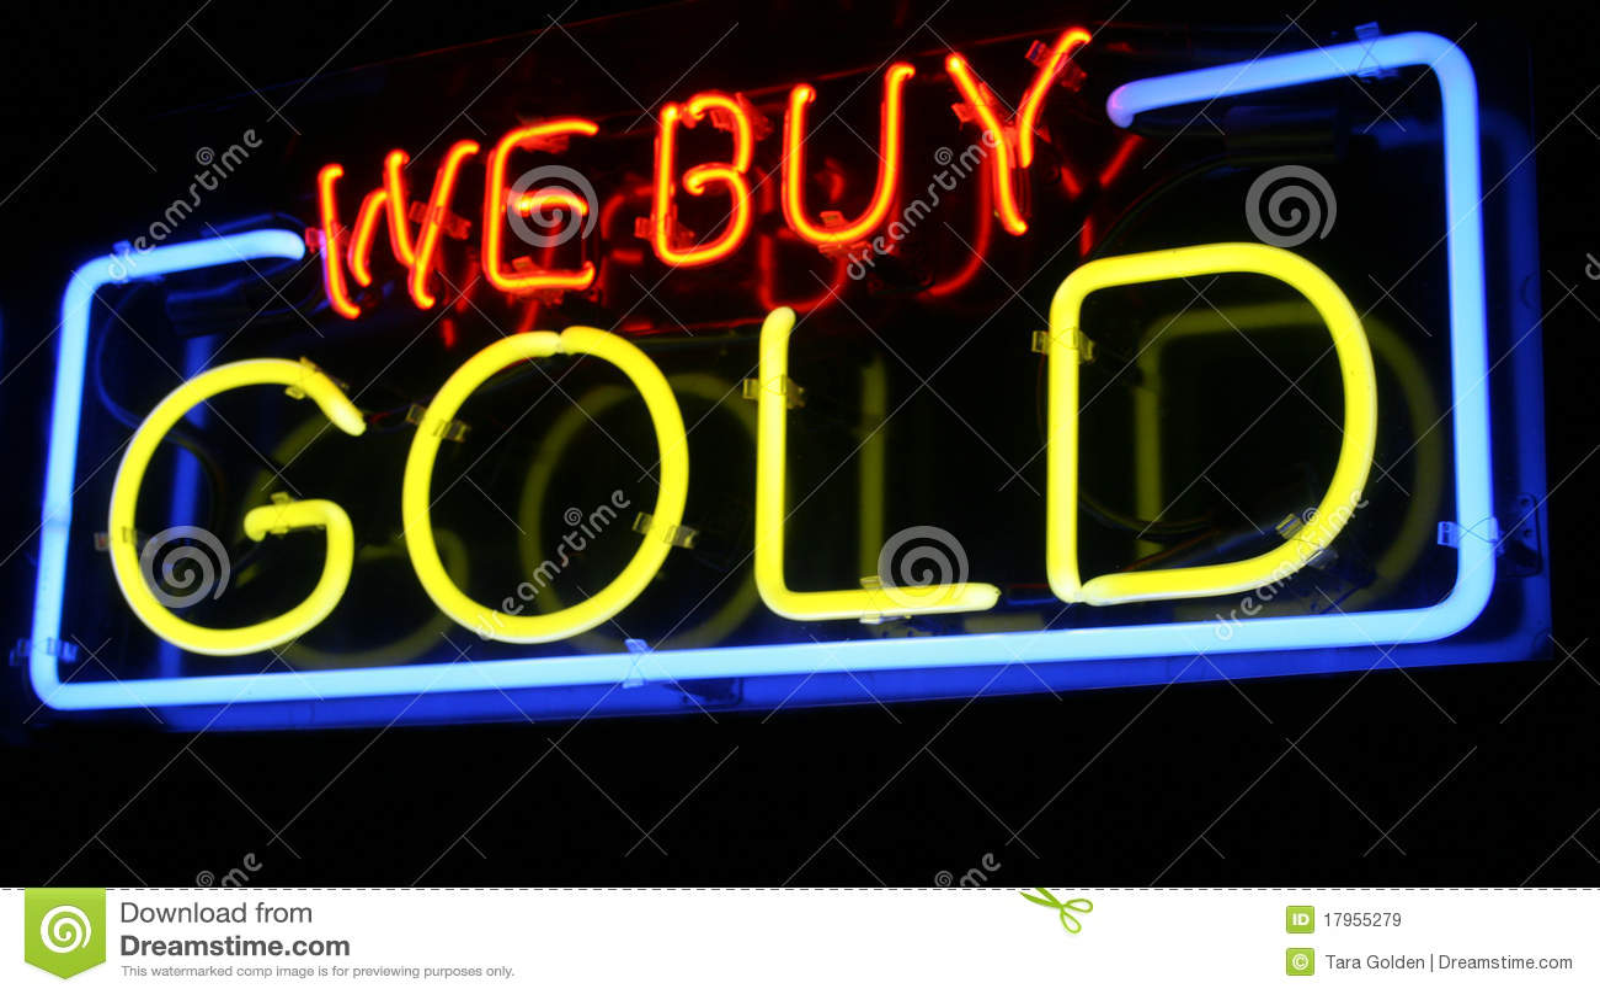 Zakupu znak złocisty neonowy